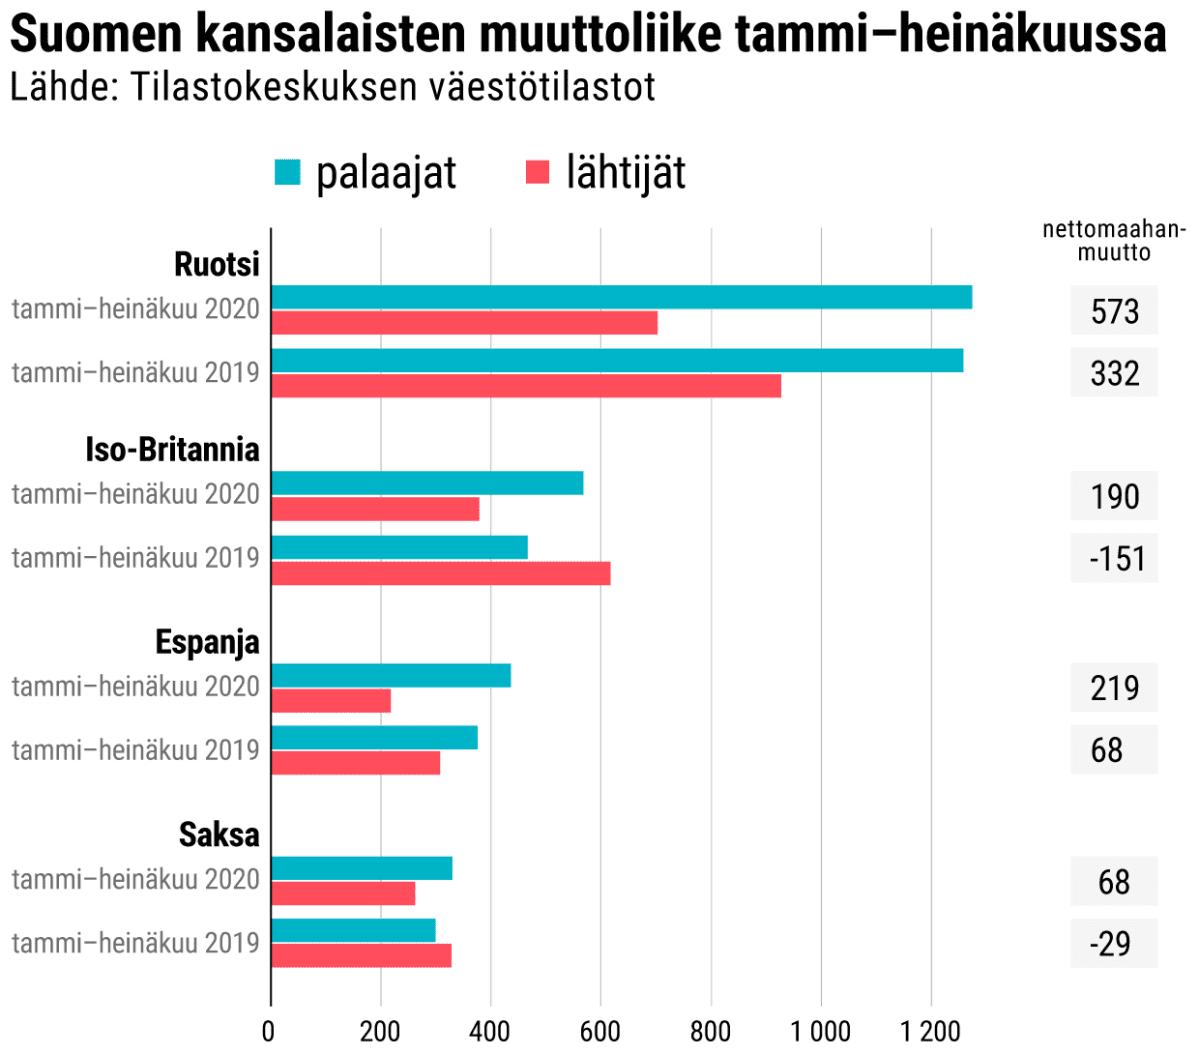 Suomen kansalaisten muuttoliike tammi–heinäkuussa.